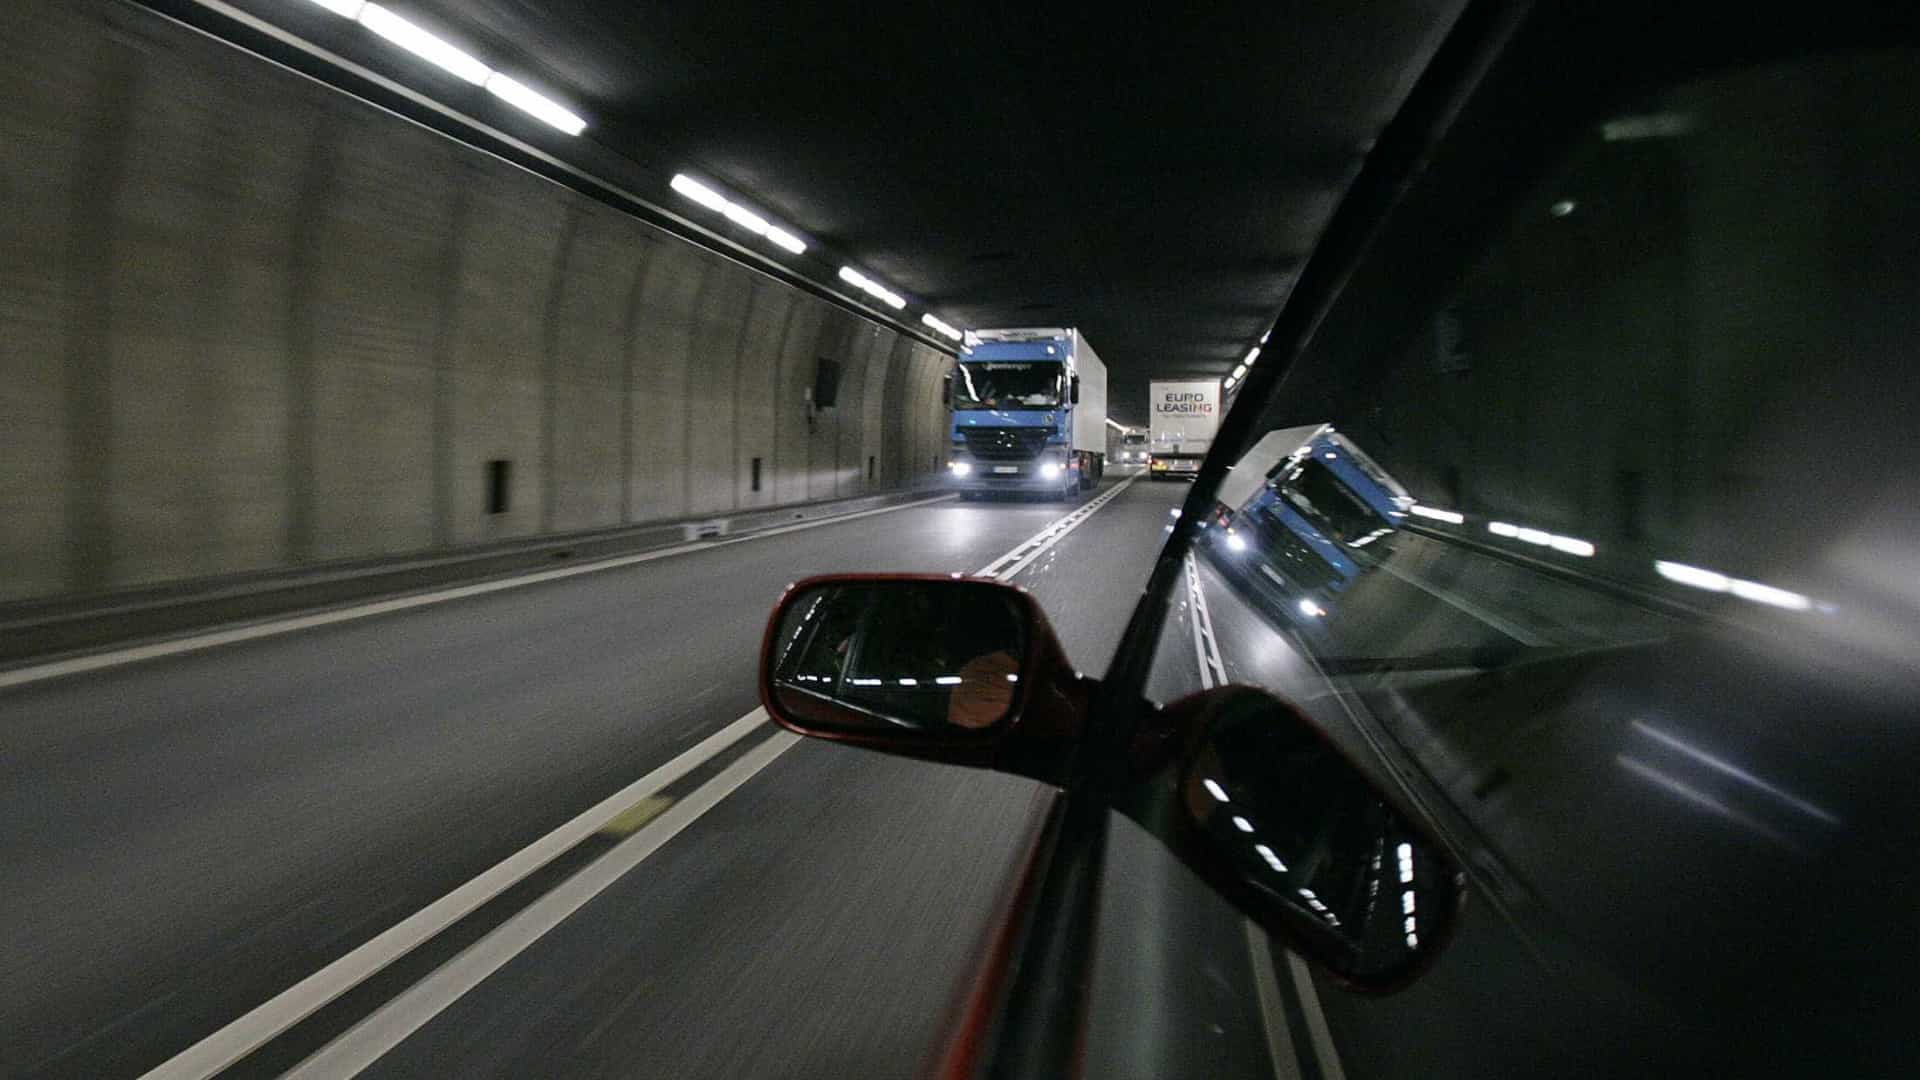 Testes de estrada de veículos automáticos arrancam na CREL em 2018